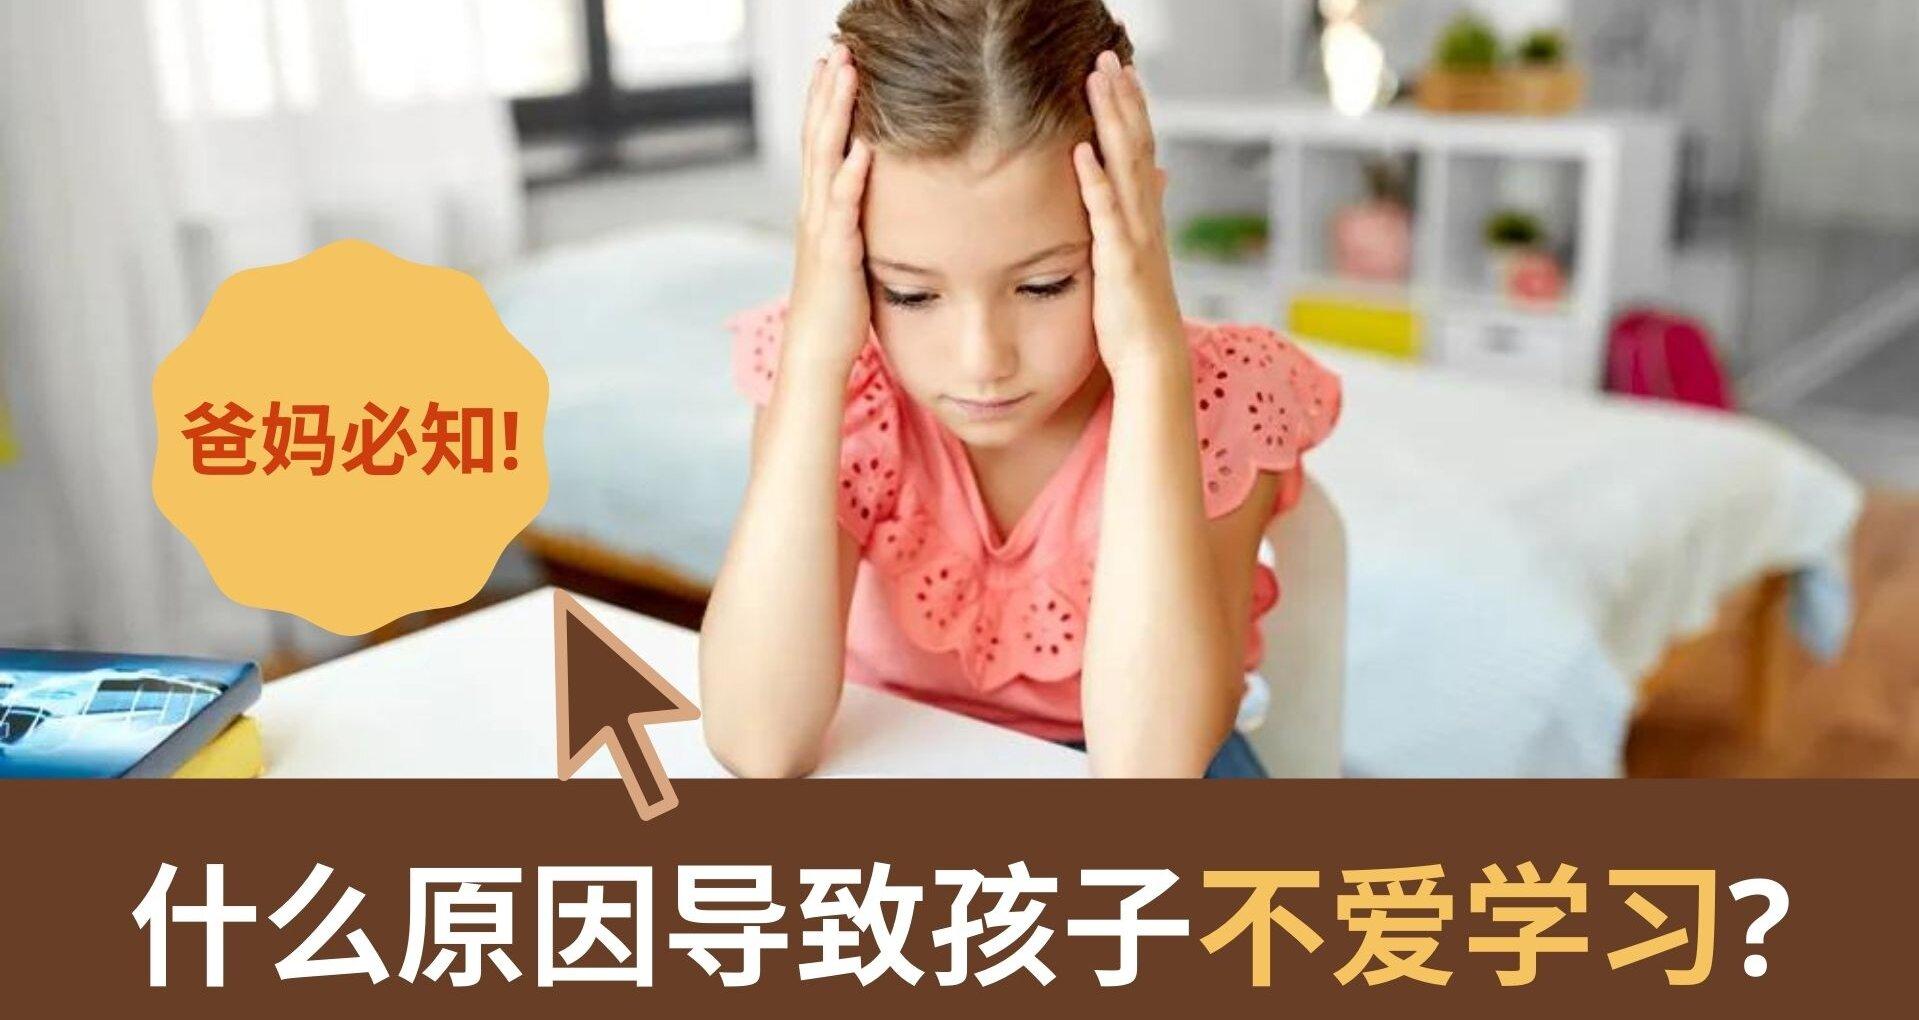 【什么原因导致孩子不爱学习】